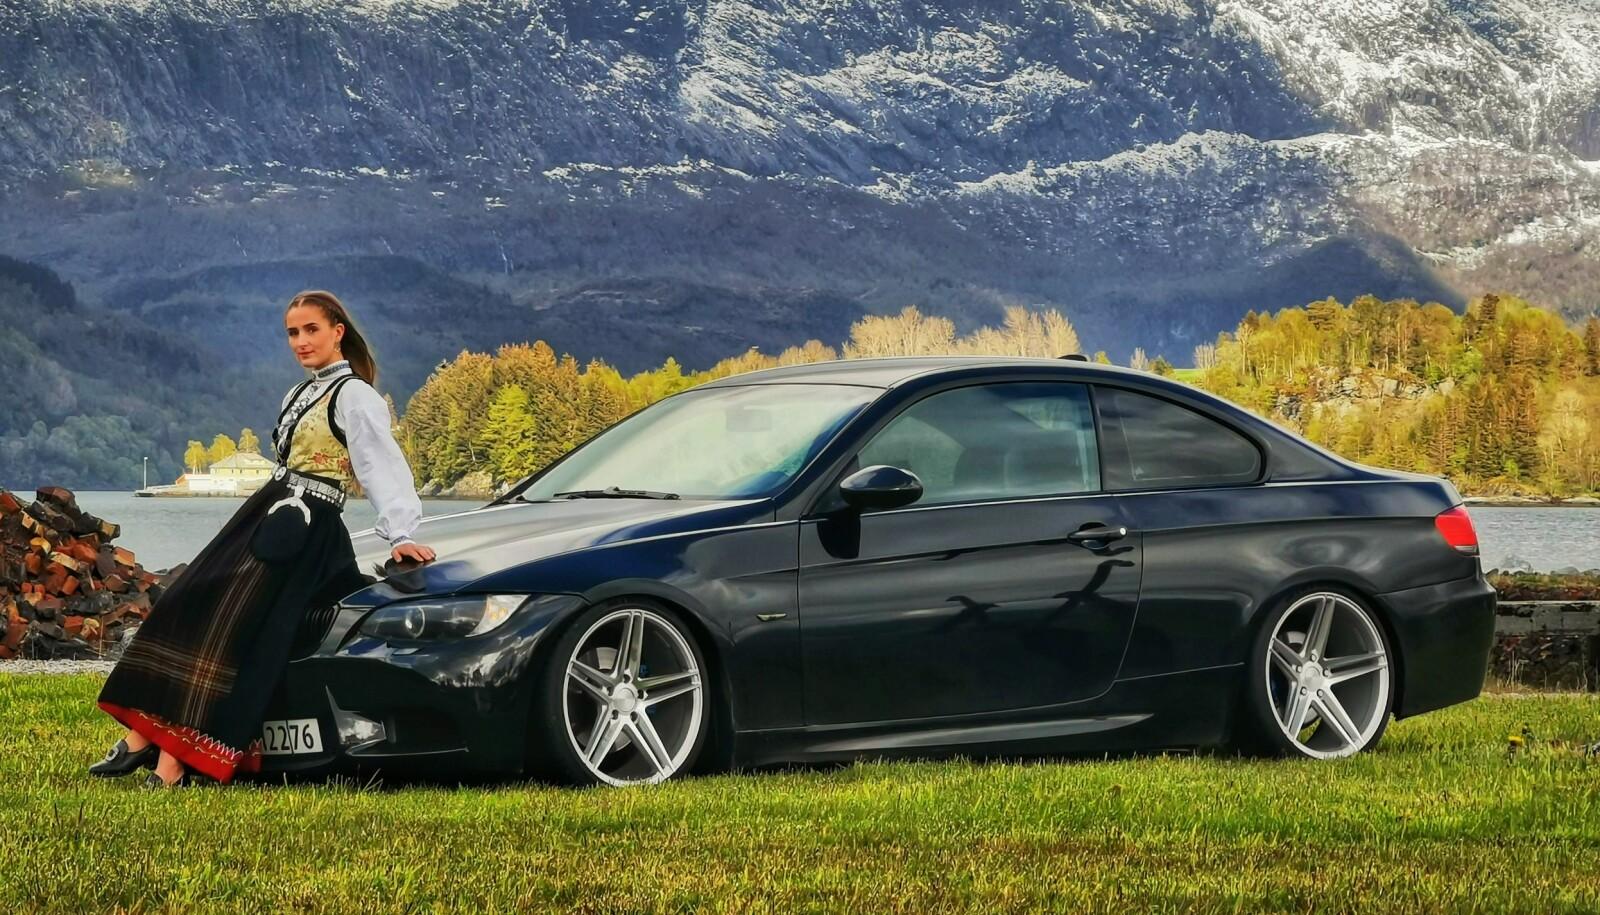 HEIMEBANE: Unge bilentusiaster skal tenke «Fy flate så tøffe biler BMW er!», er målet til Silje Atterås.